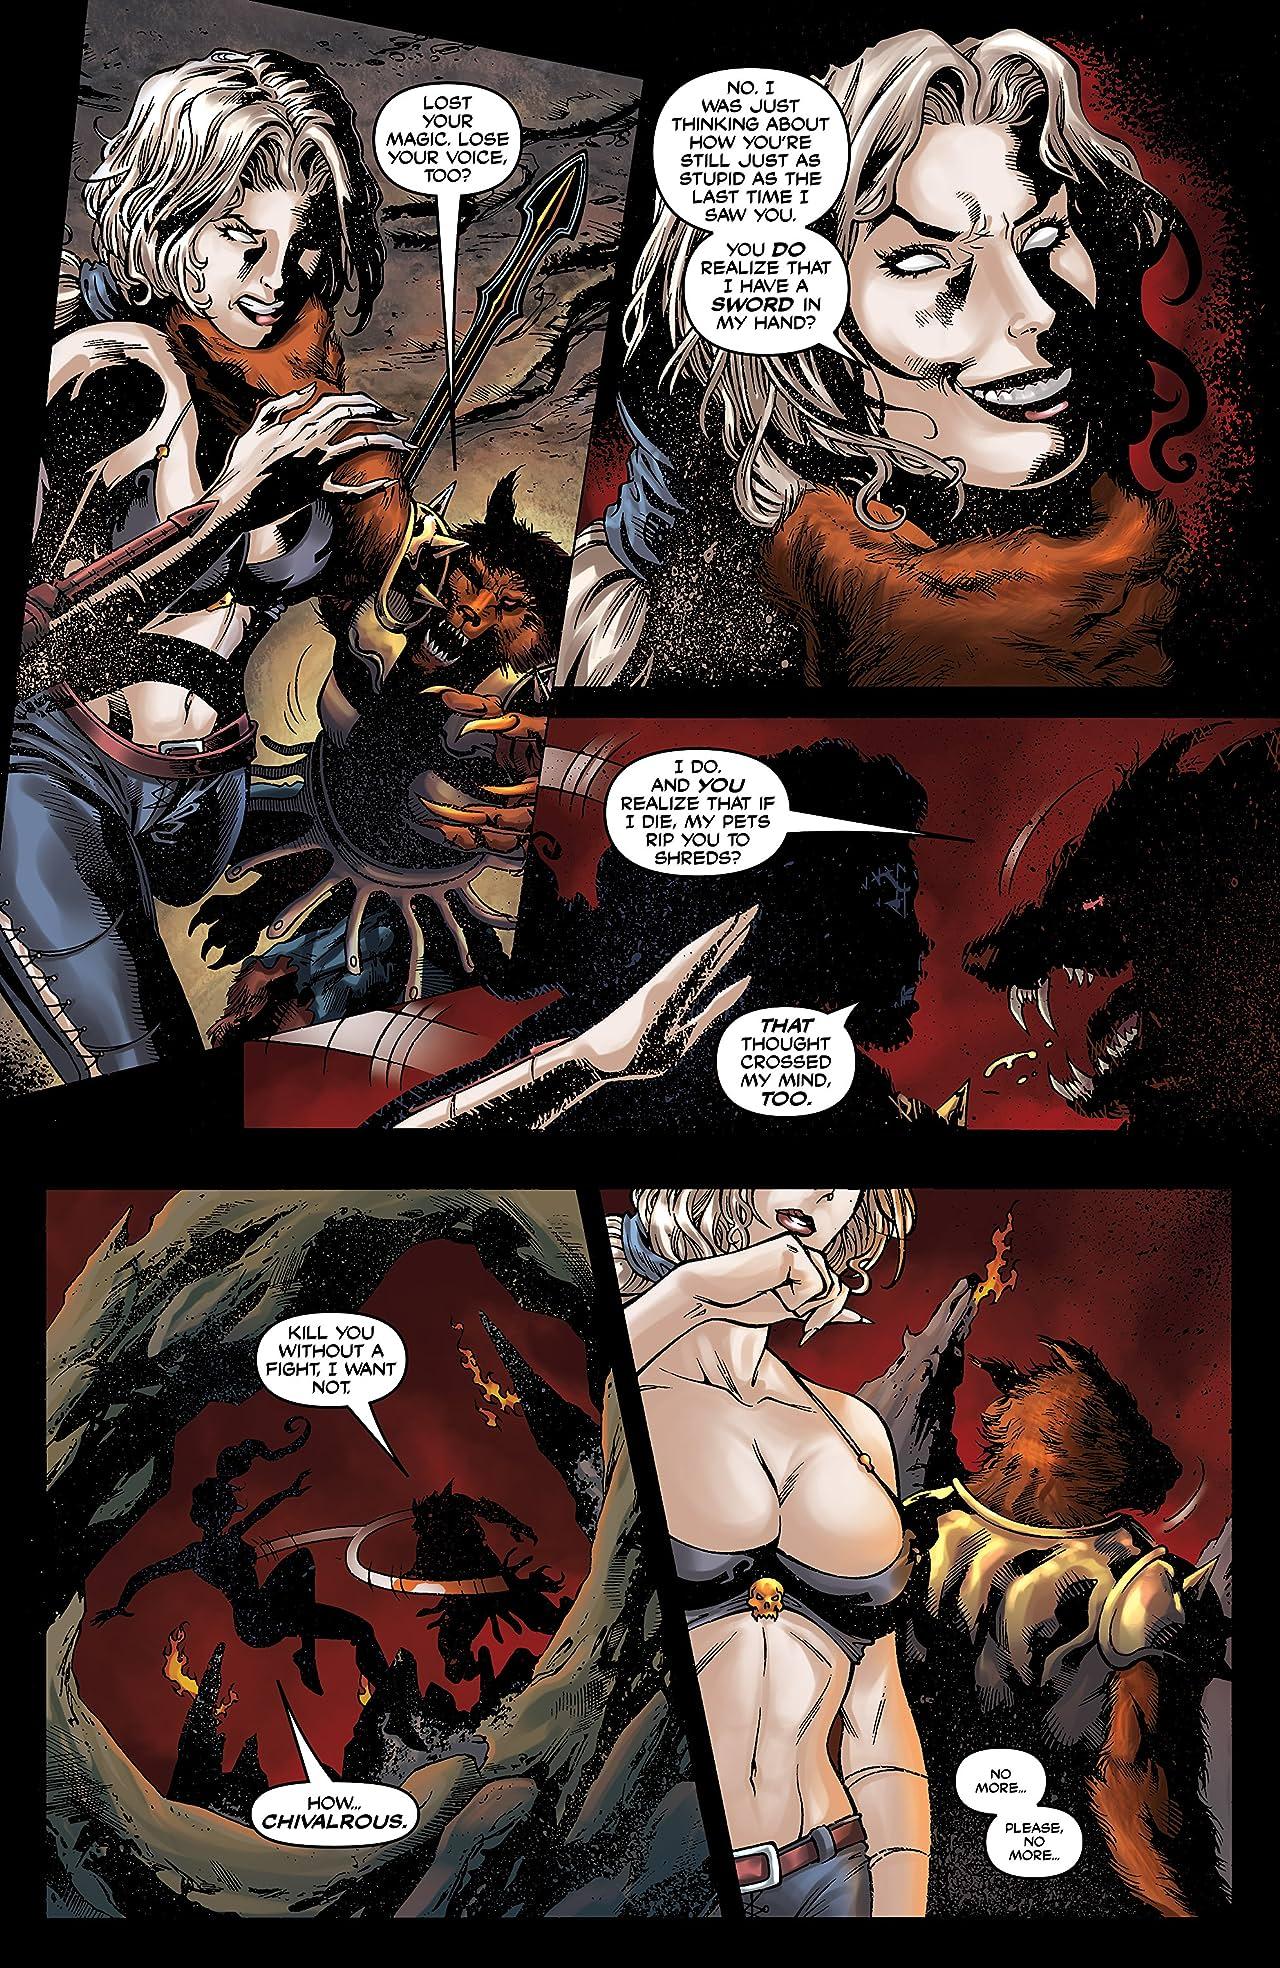 Lady Death #21